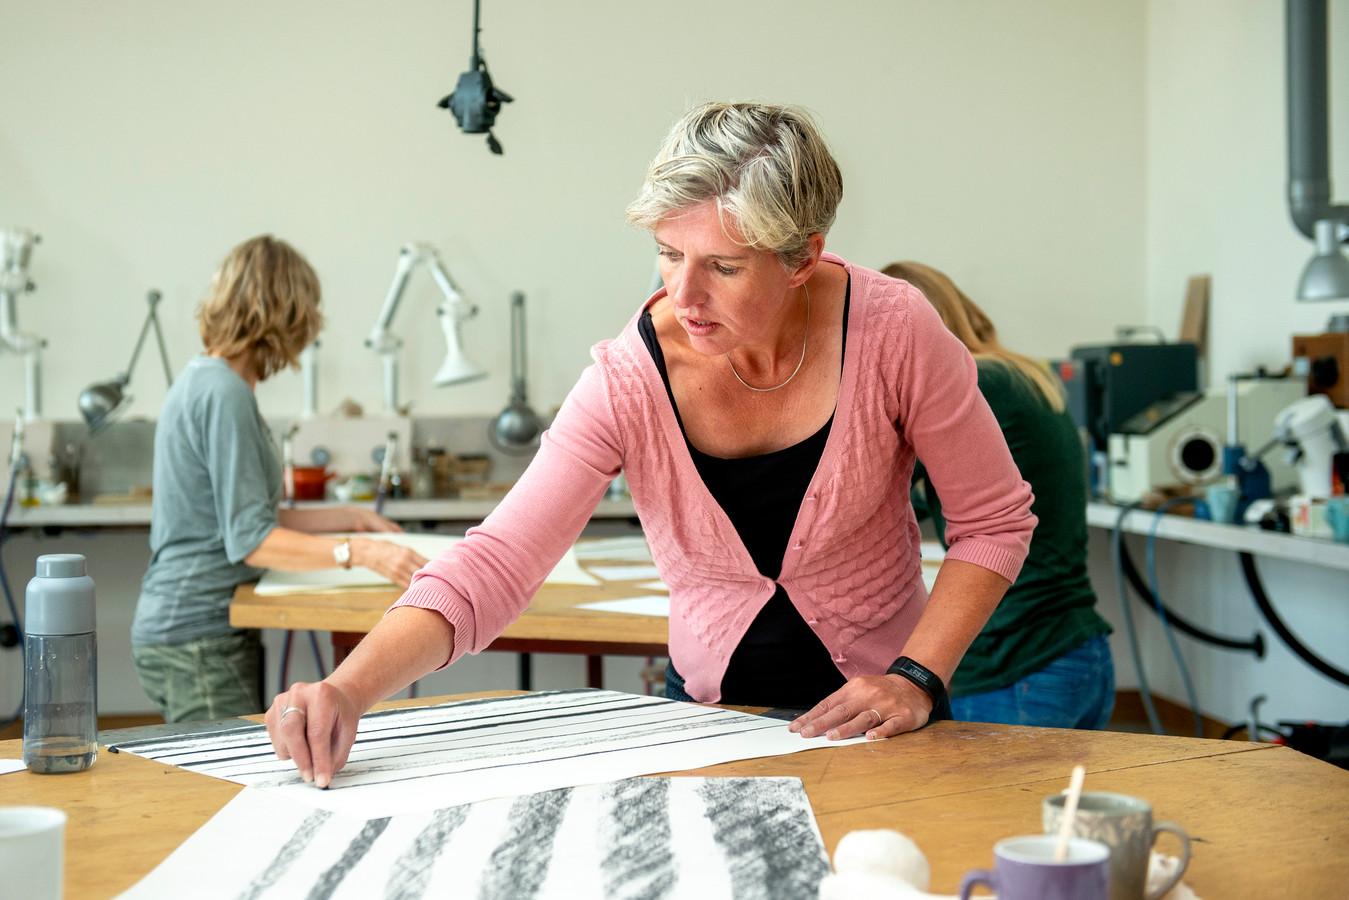 Karin de Boer (47) uit Bemmel, volgt opleiding Beeldende Vormgeving bij de Volksuniversiteit in Arnhem.